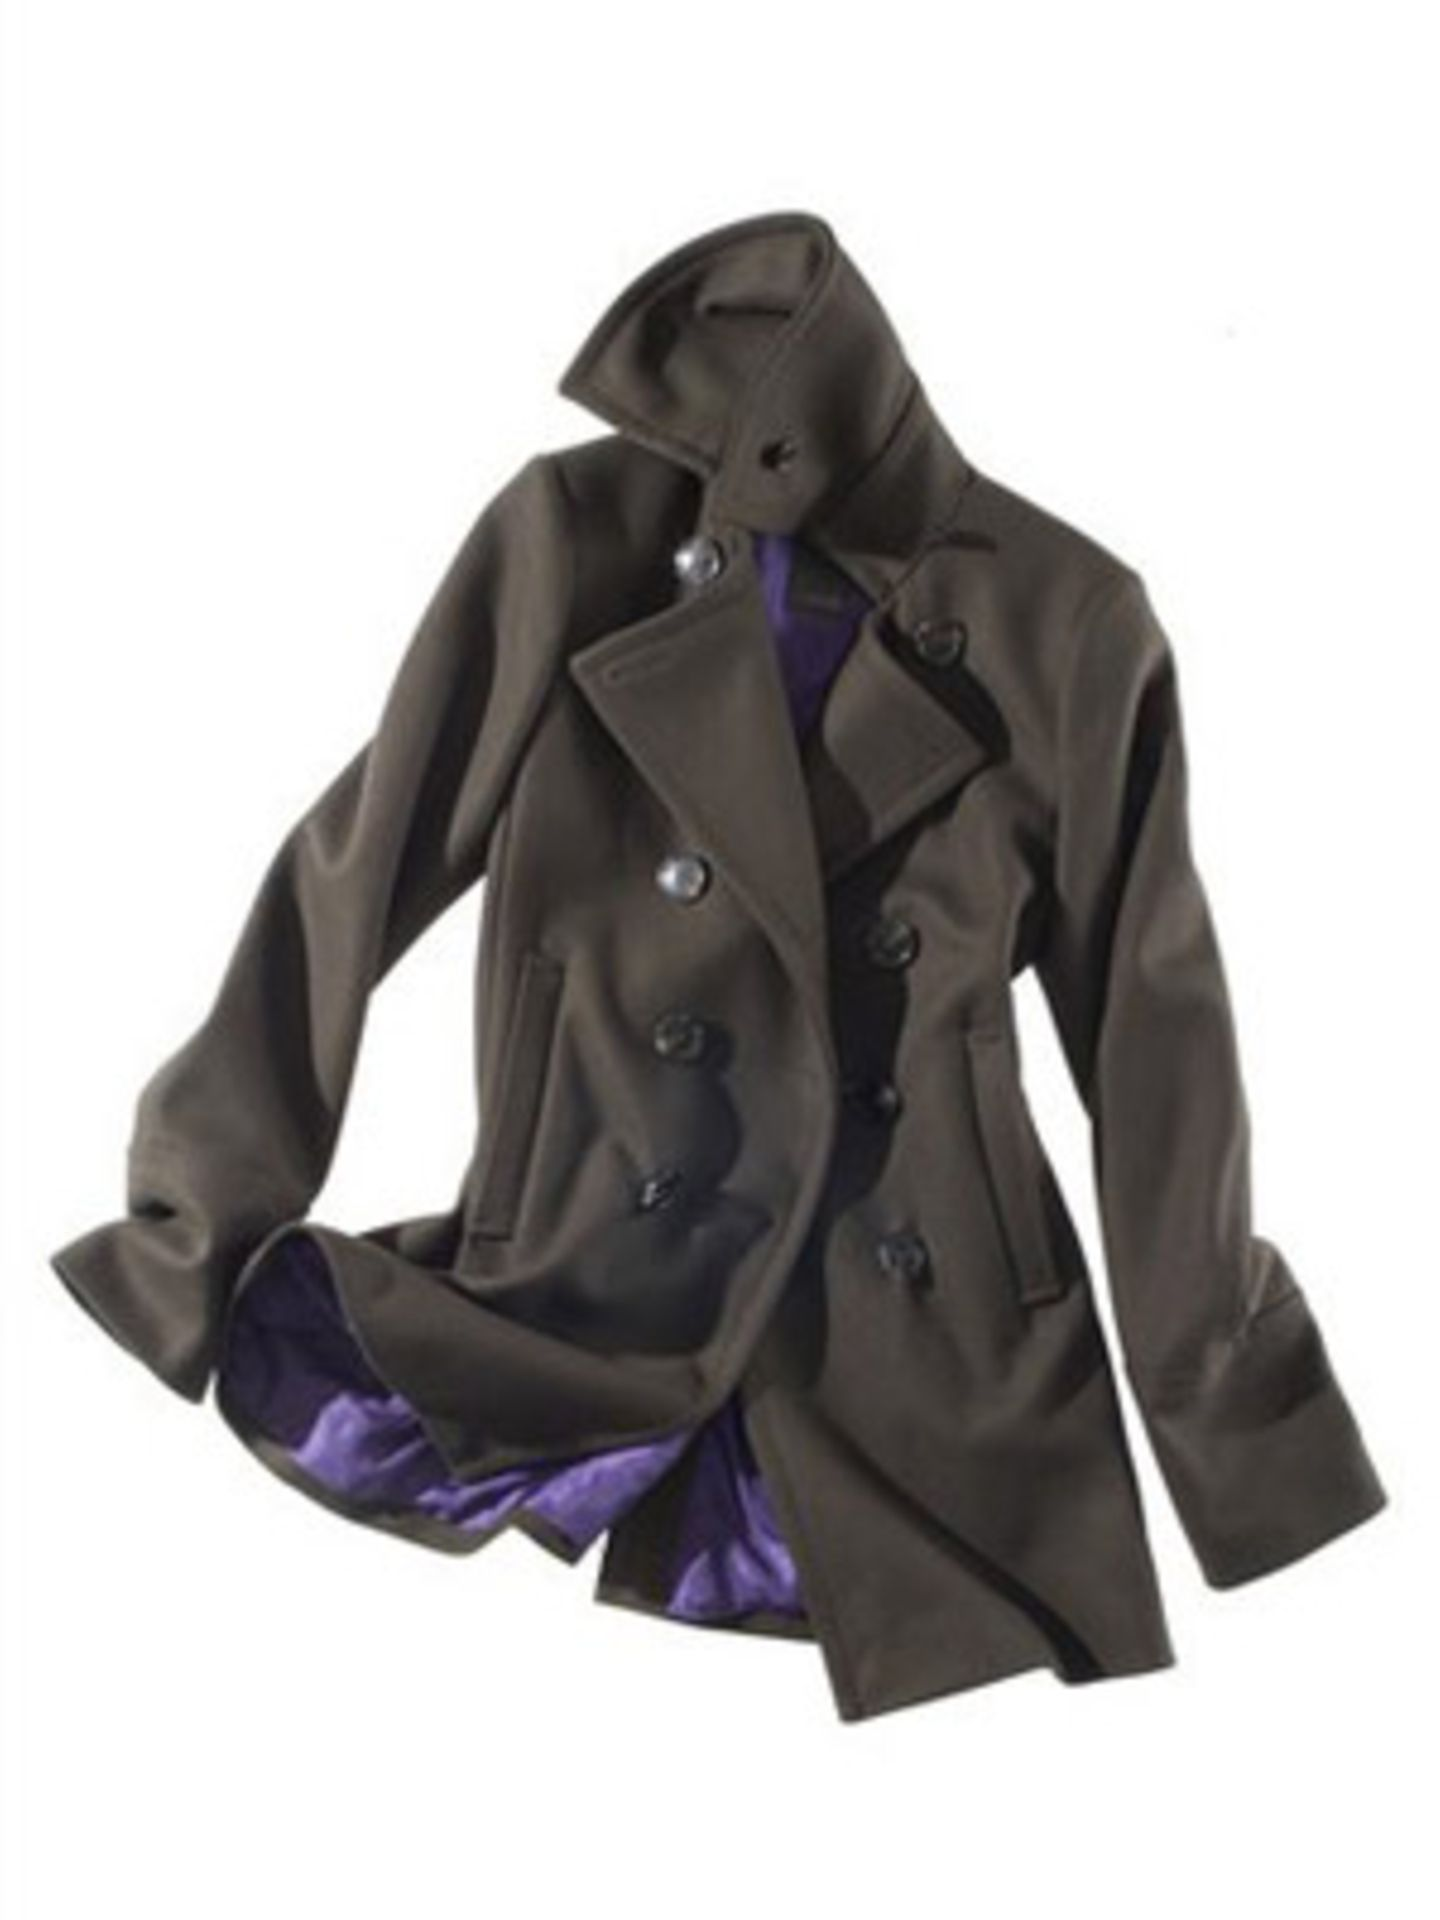 Zweireihiger Mantel mit lilafarbenem Innenfutter von Cinque, ca. 300 Euro. Über www.brandneu.de.